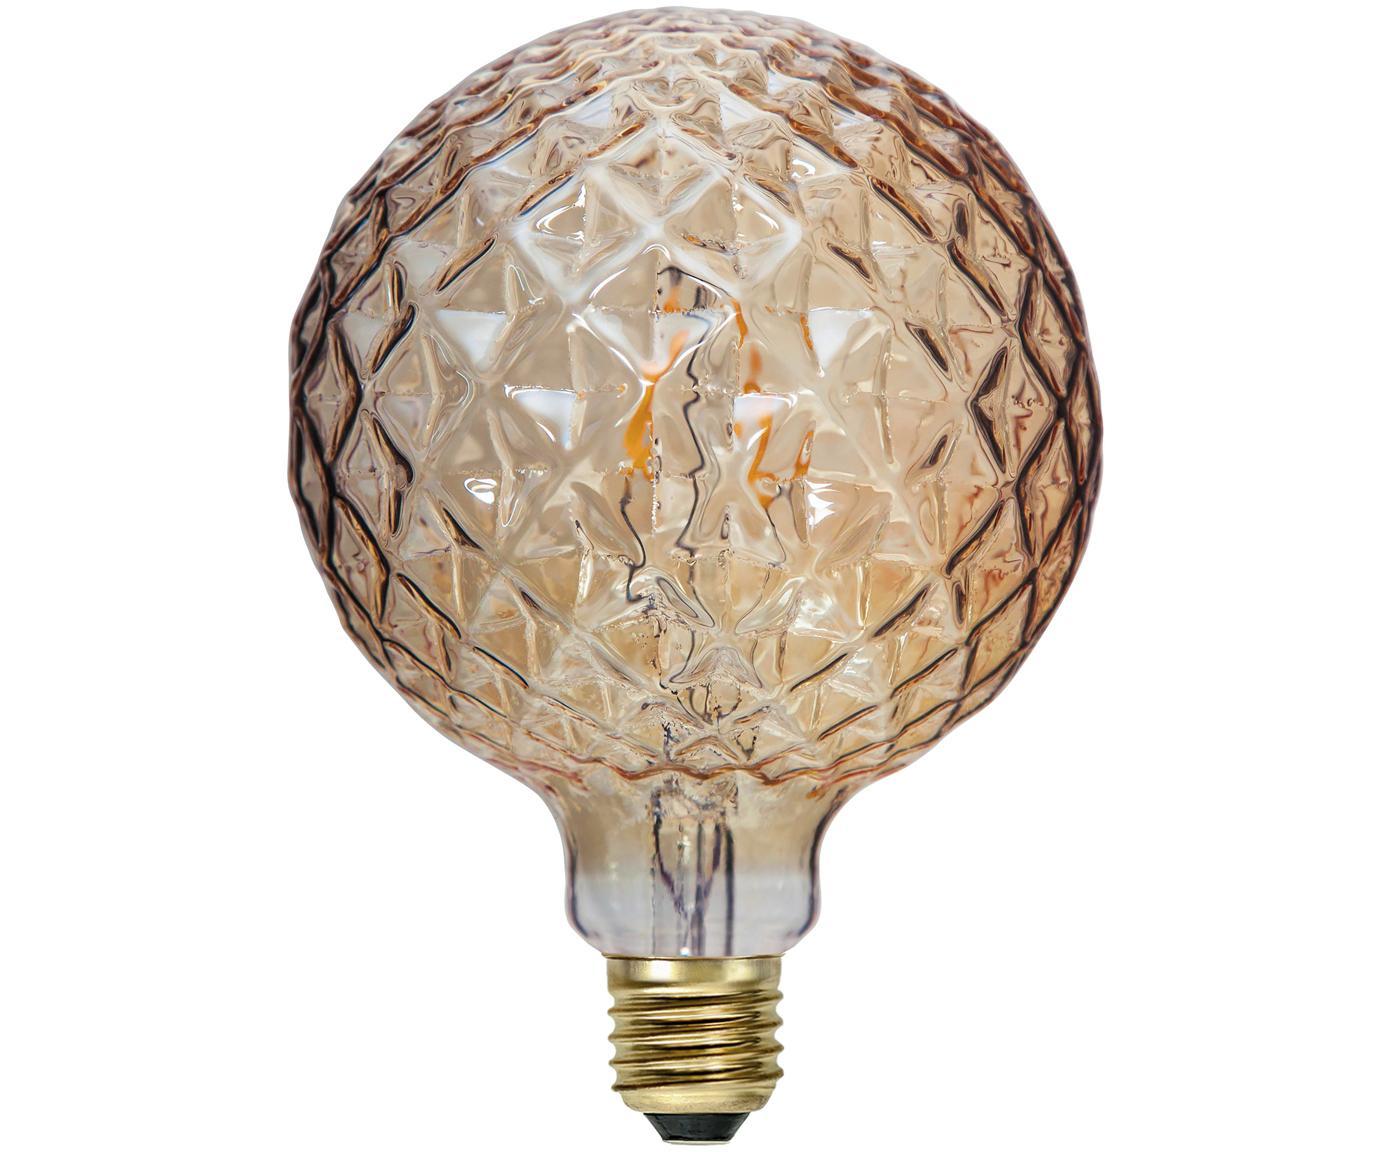 XL LED Leuchtmittel Soft Glow (E27/ 2.2W), Leuchtmittelschirm: Glas, Leuchtmittelfassung: Messing, Bernsteinfarben, Ø 13 x H 17 cm